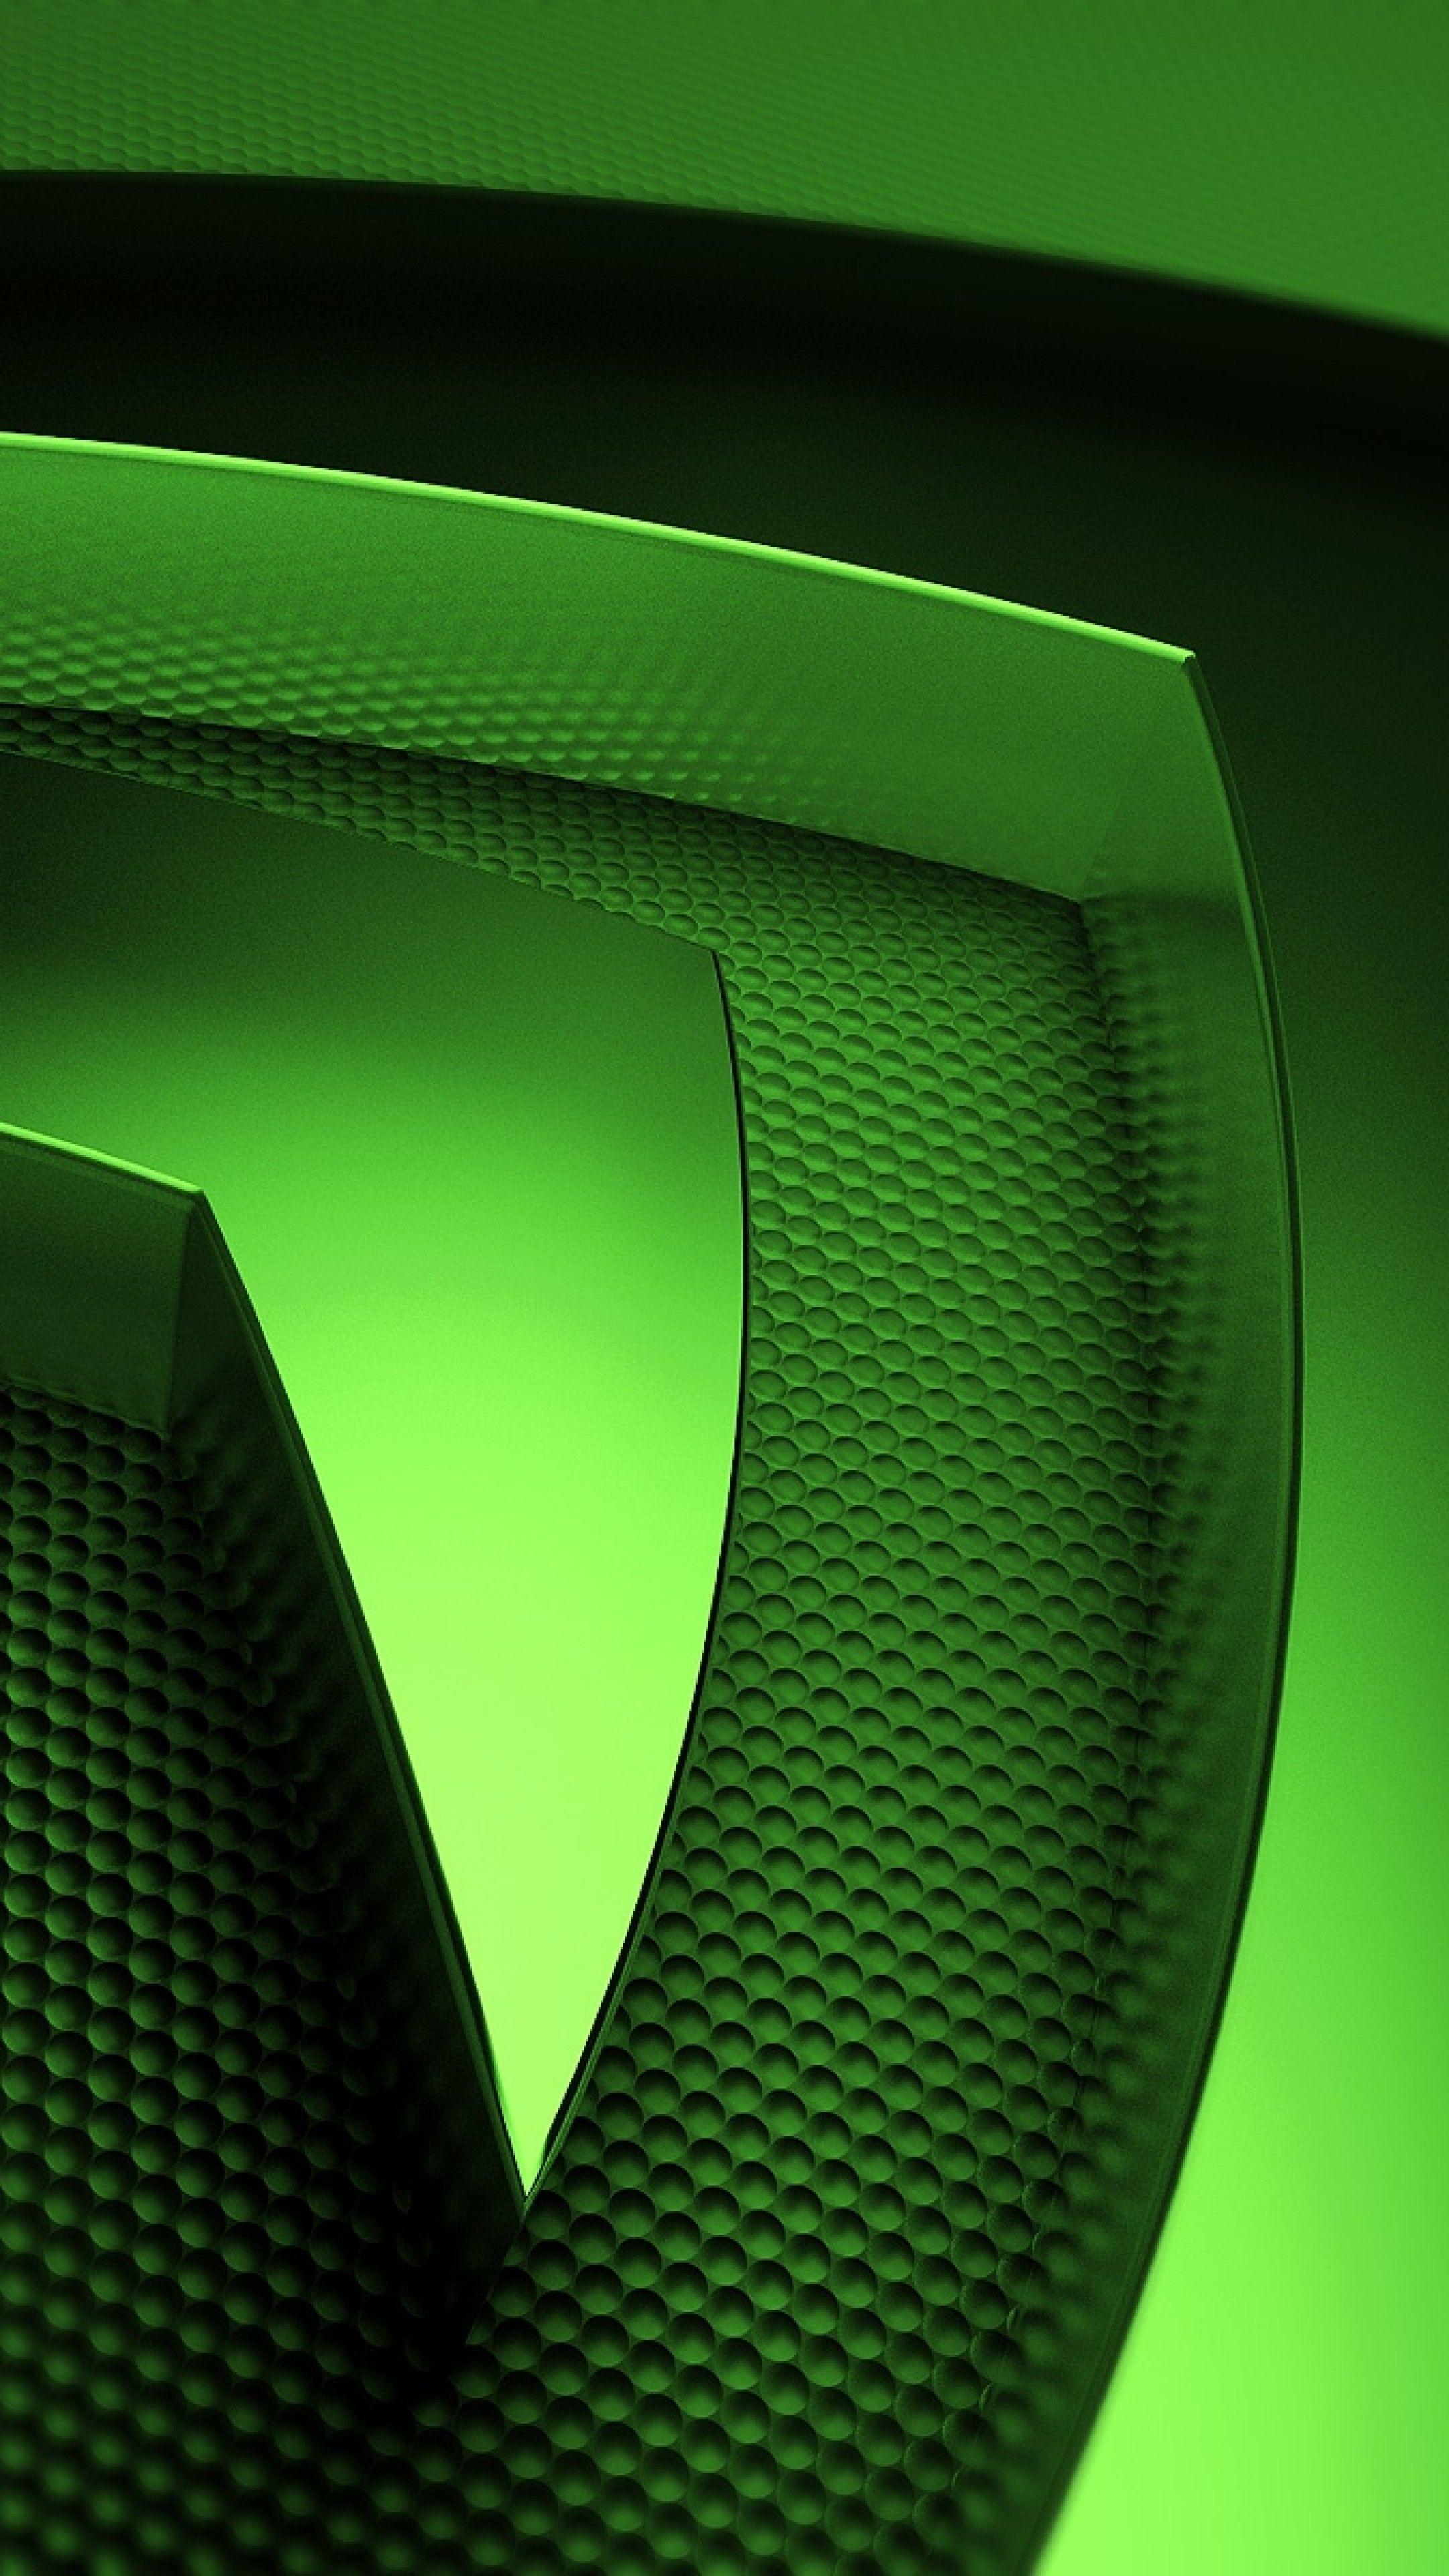 2160x3840 2160x3840 Wallpaper nvidia green symbol Cool 2160x3840